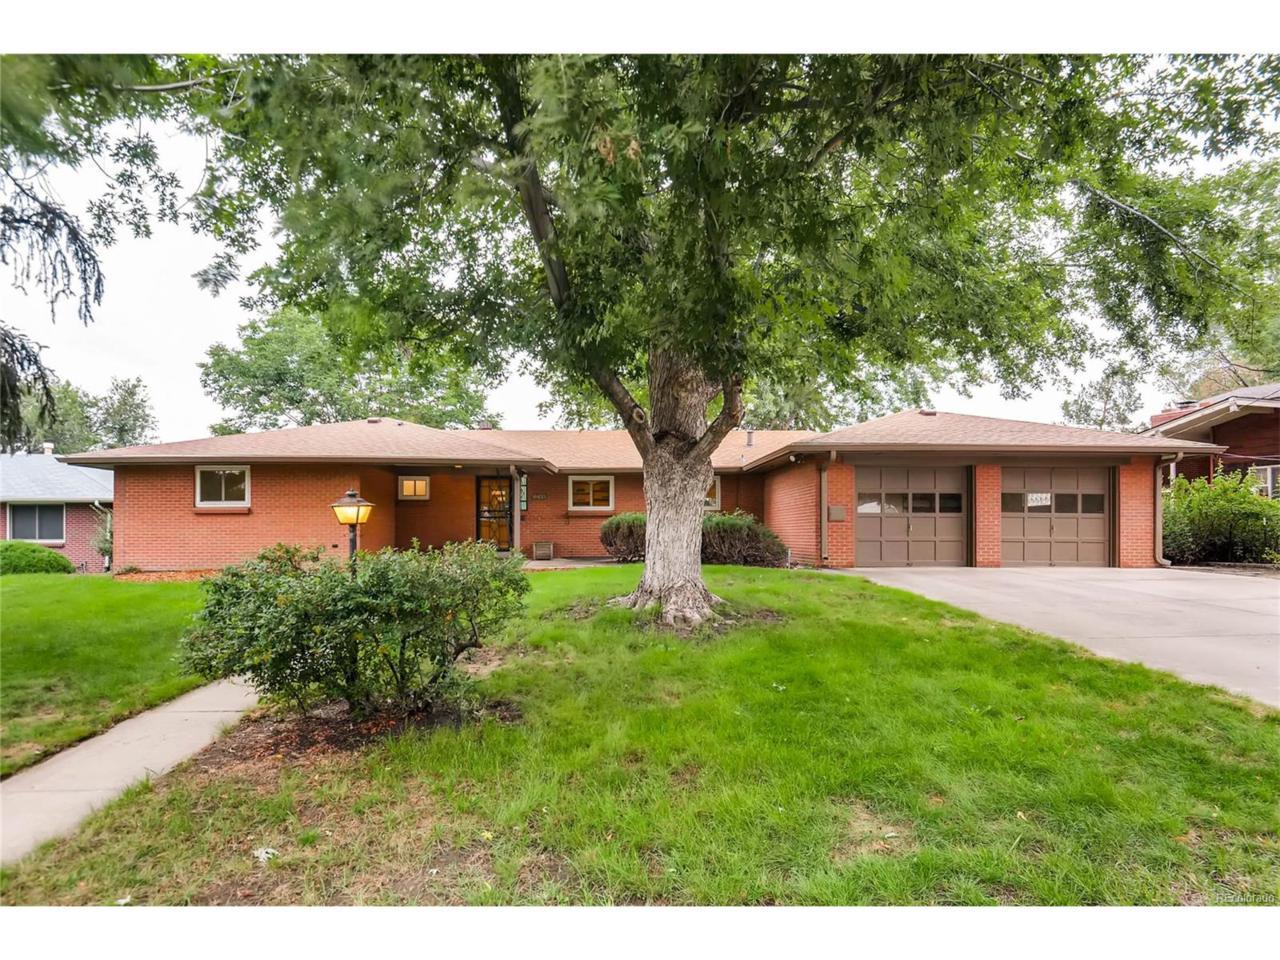 8455 W 45th Avenue, Wheat Ridge, CO 80033 (MLS #5416503) :: 8z Real Estate